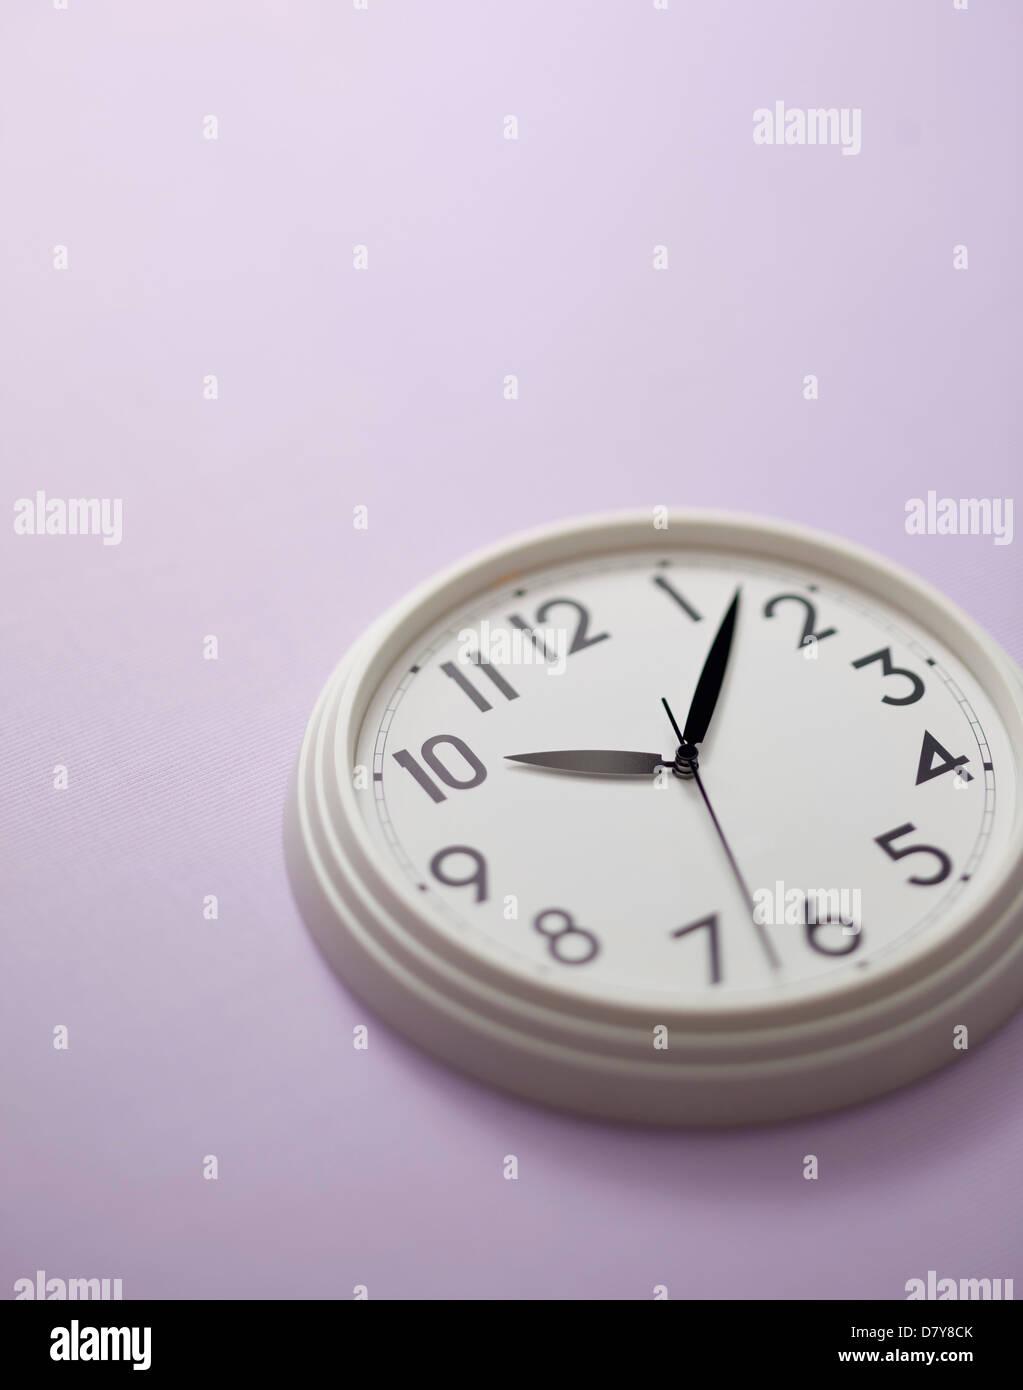 Un piccolo orologio a parete su una luce viola parete. Immagini Stock